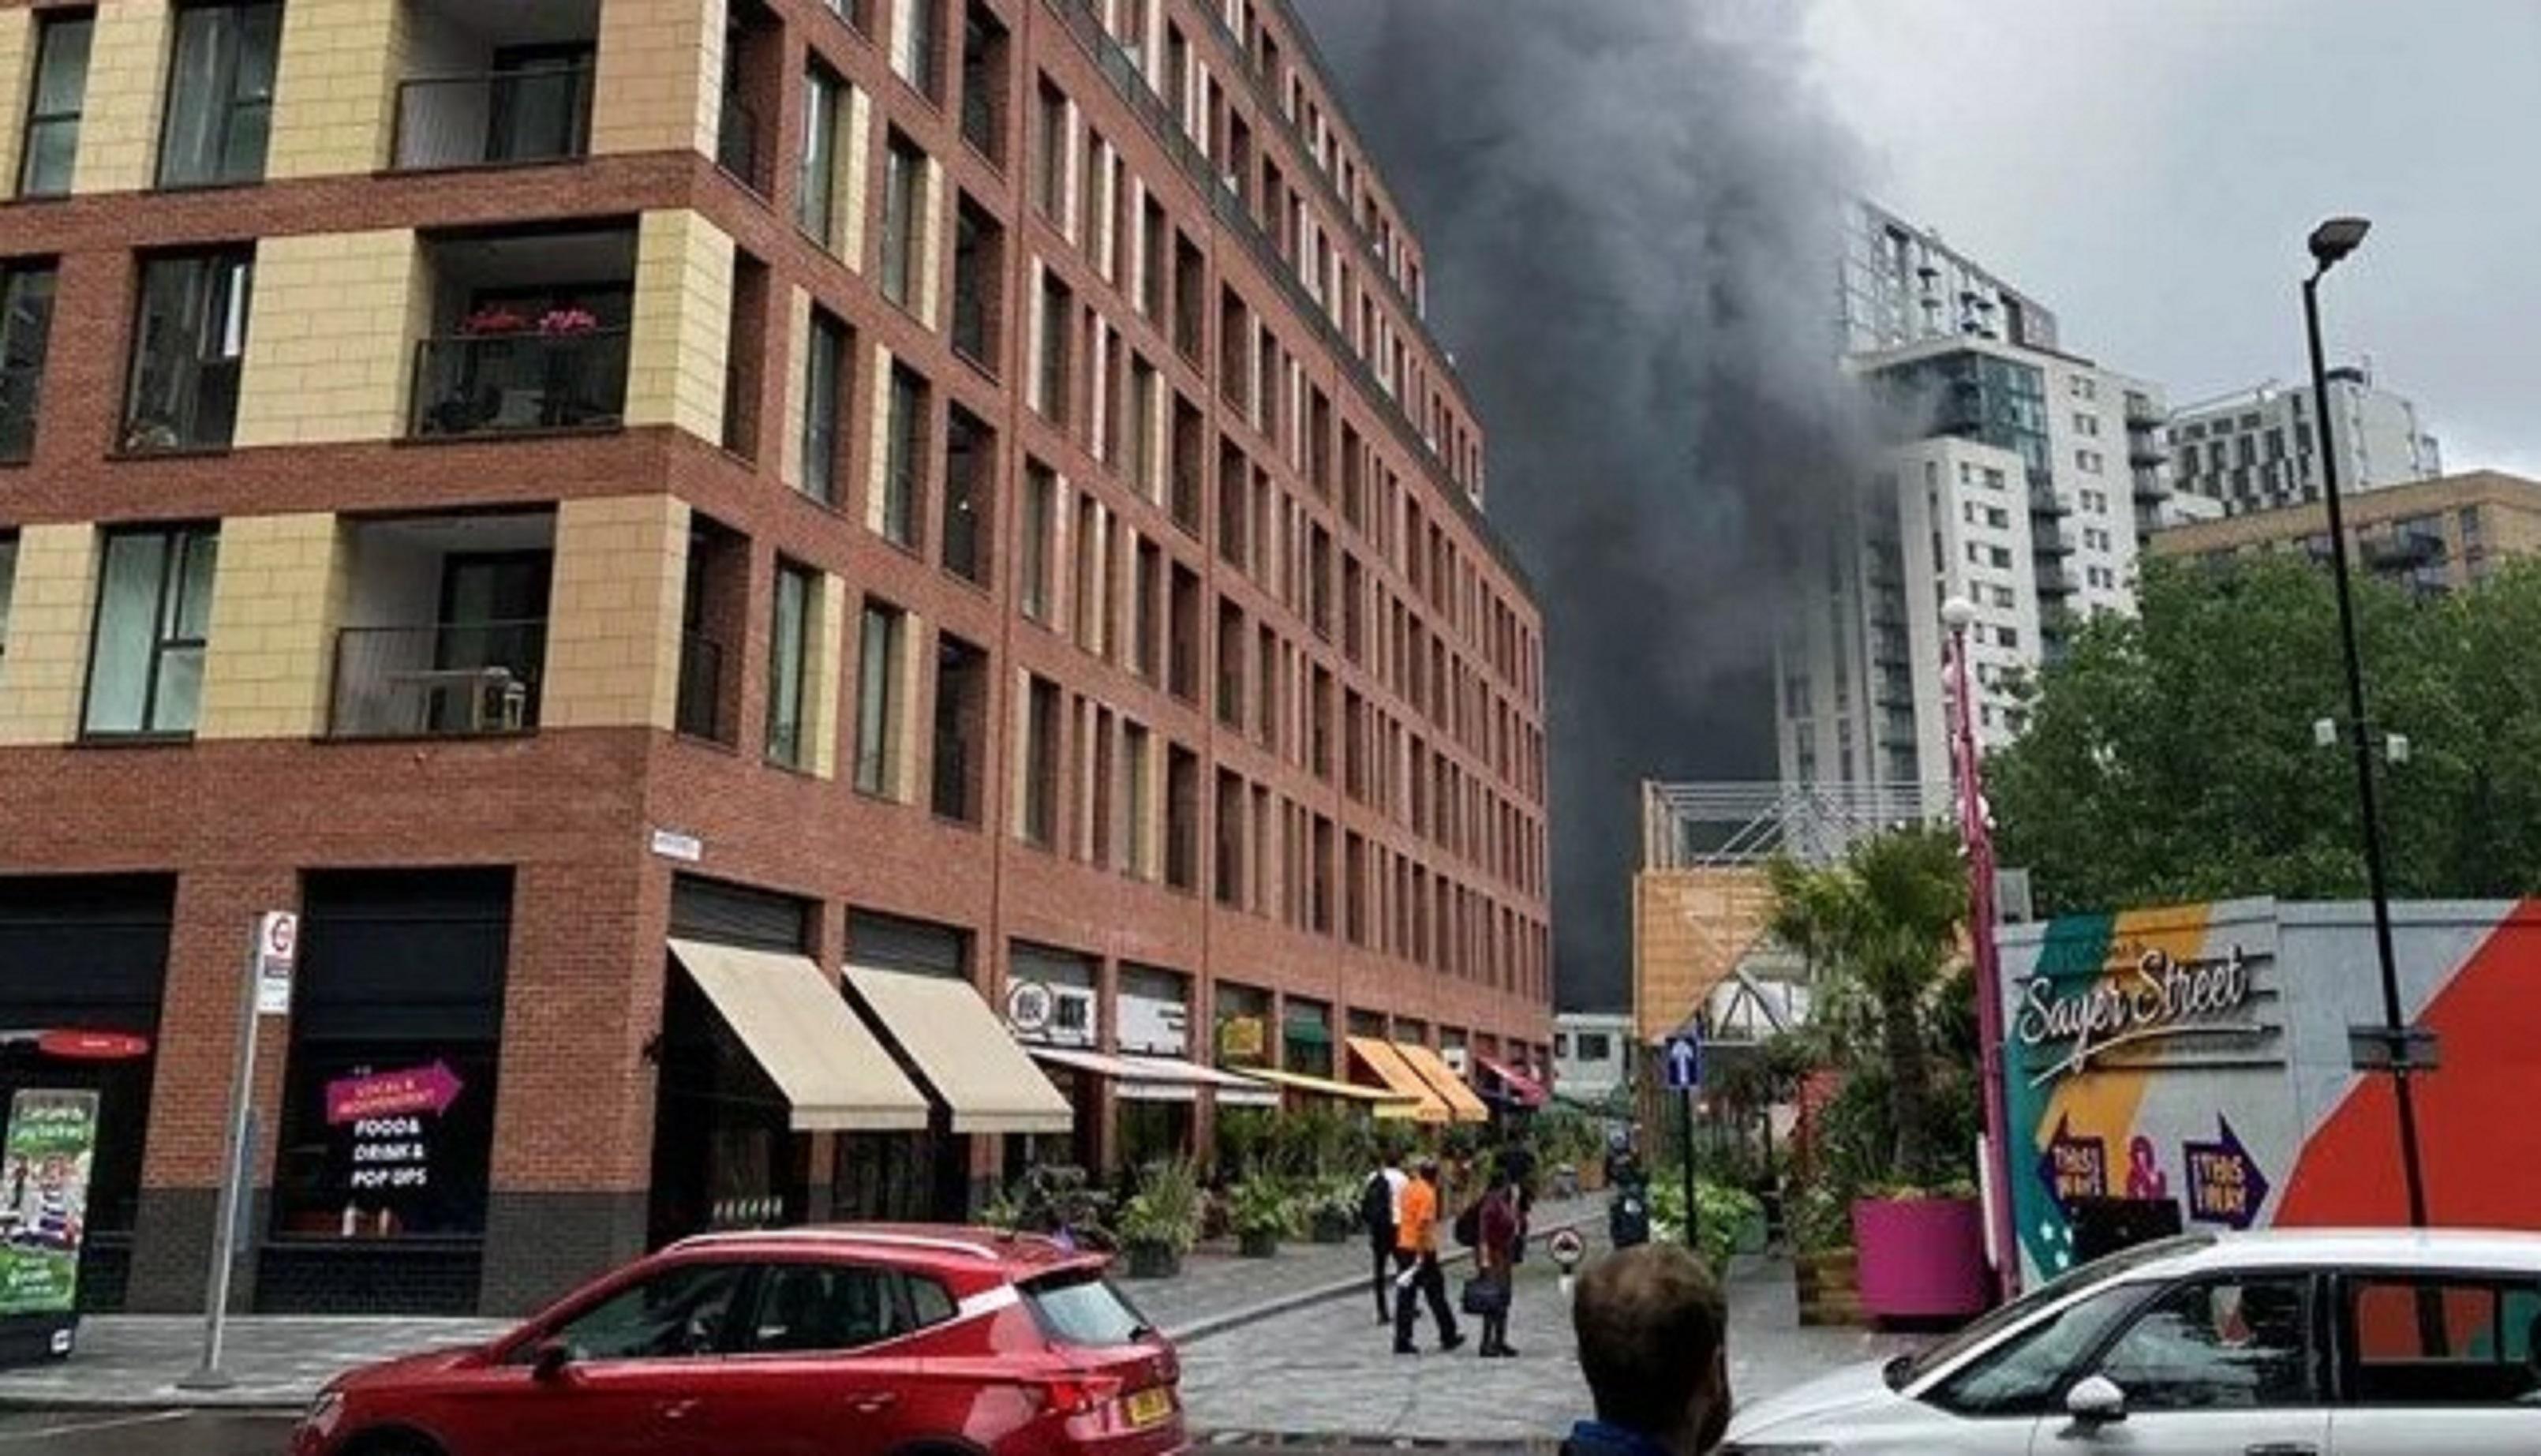 Alevler yükseldi, patlamalar duyuldu! Londrada yangın paniği! Siyah duman bulutu gökyüzünü kapladı